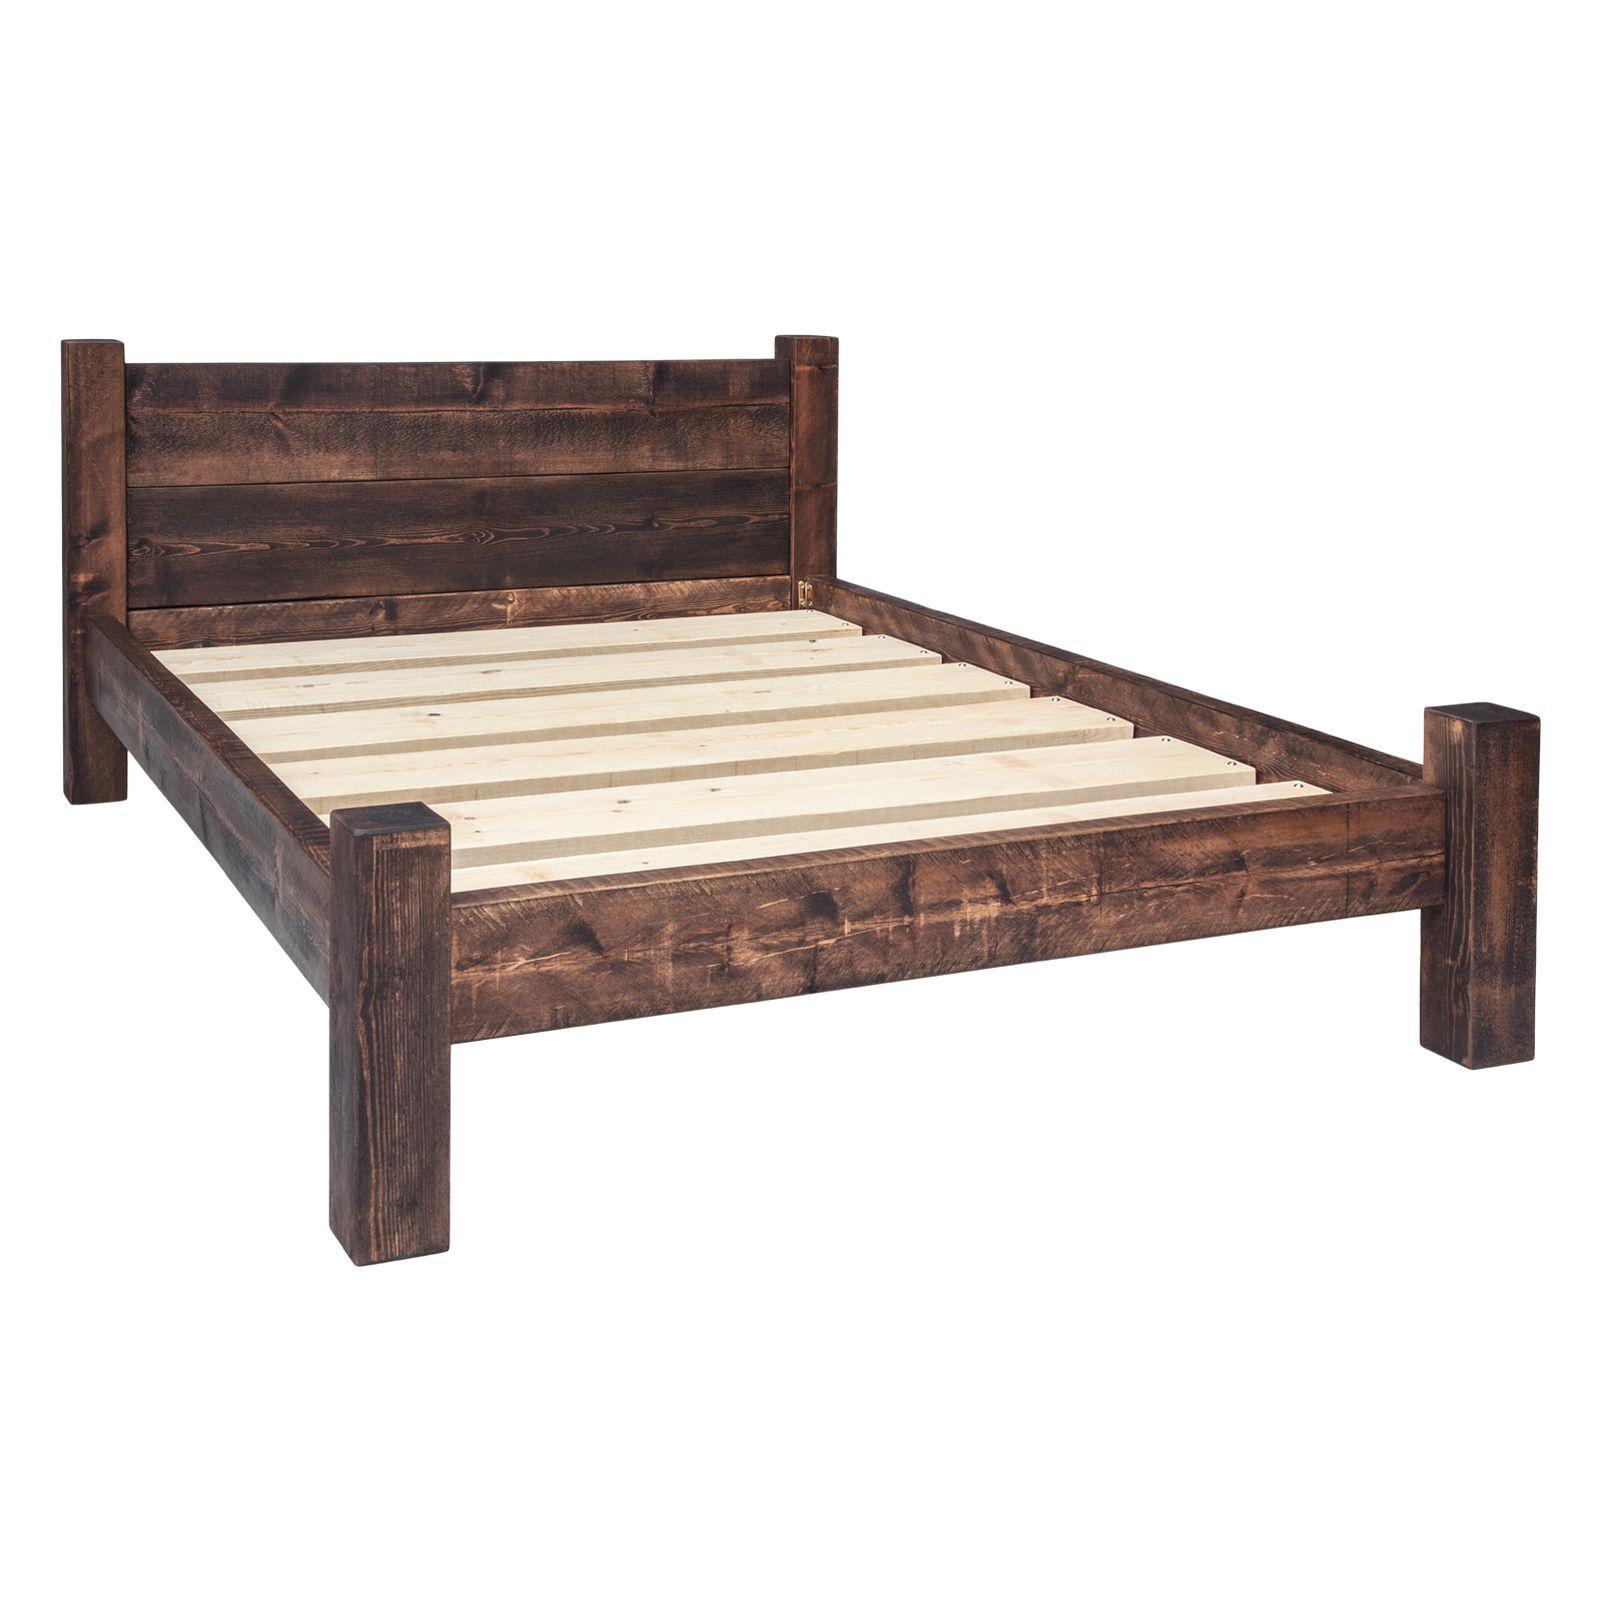 Double Plank Headboard Bed Frame | Camas, Camas de madera y Carpinteria